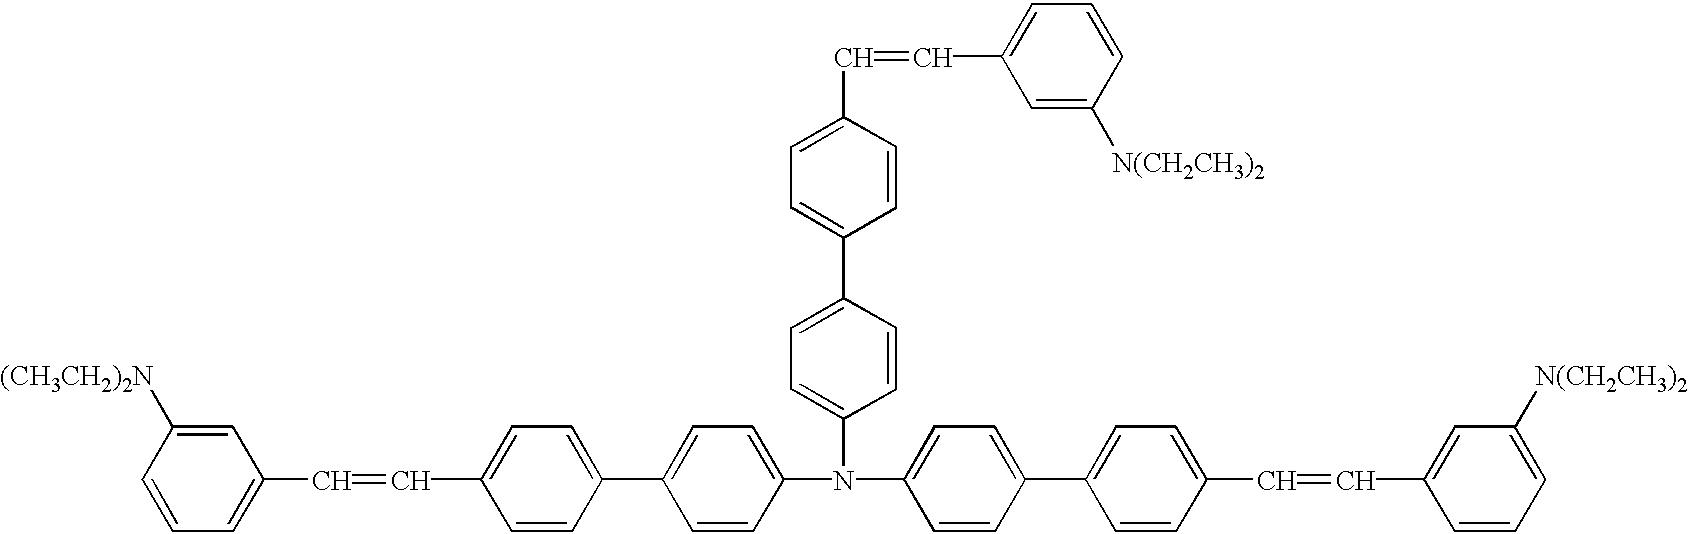 Figure US06861188-20050301-C00122